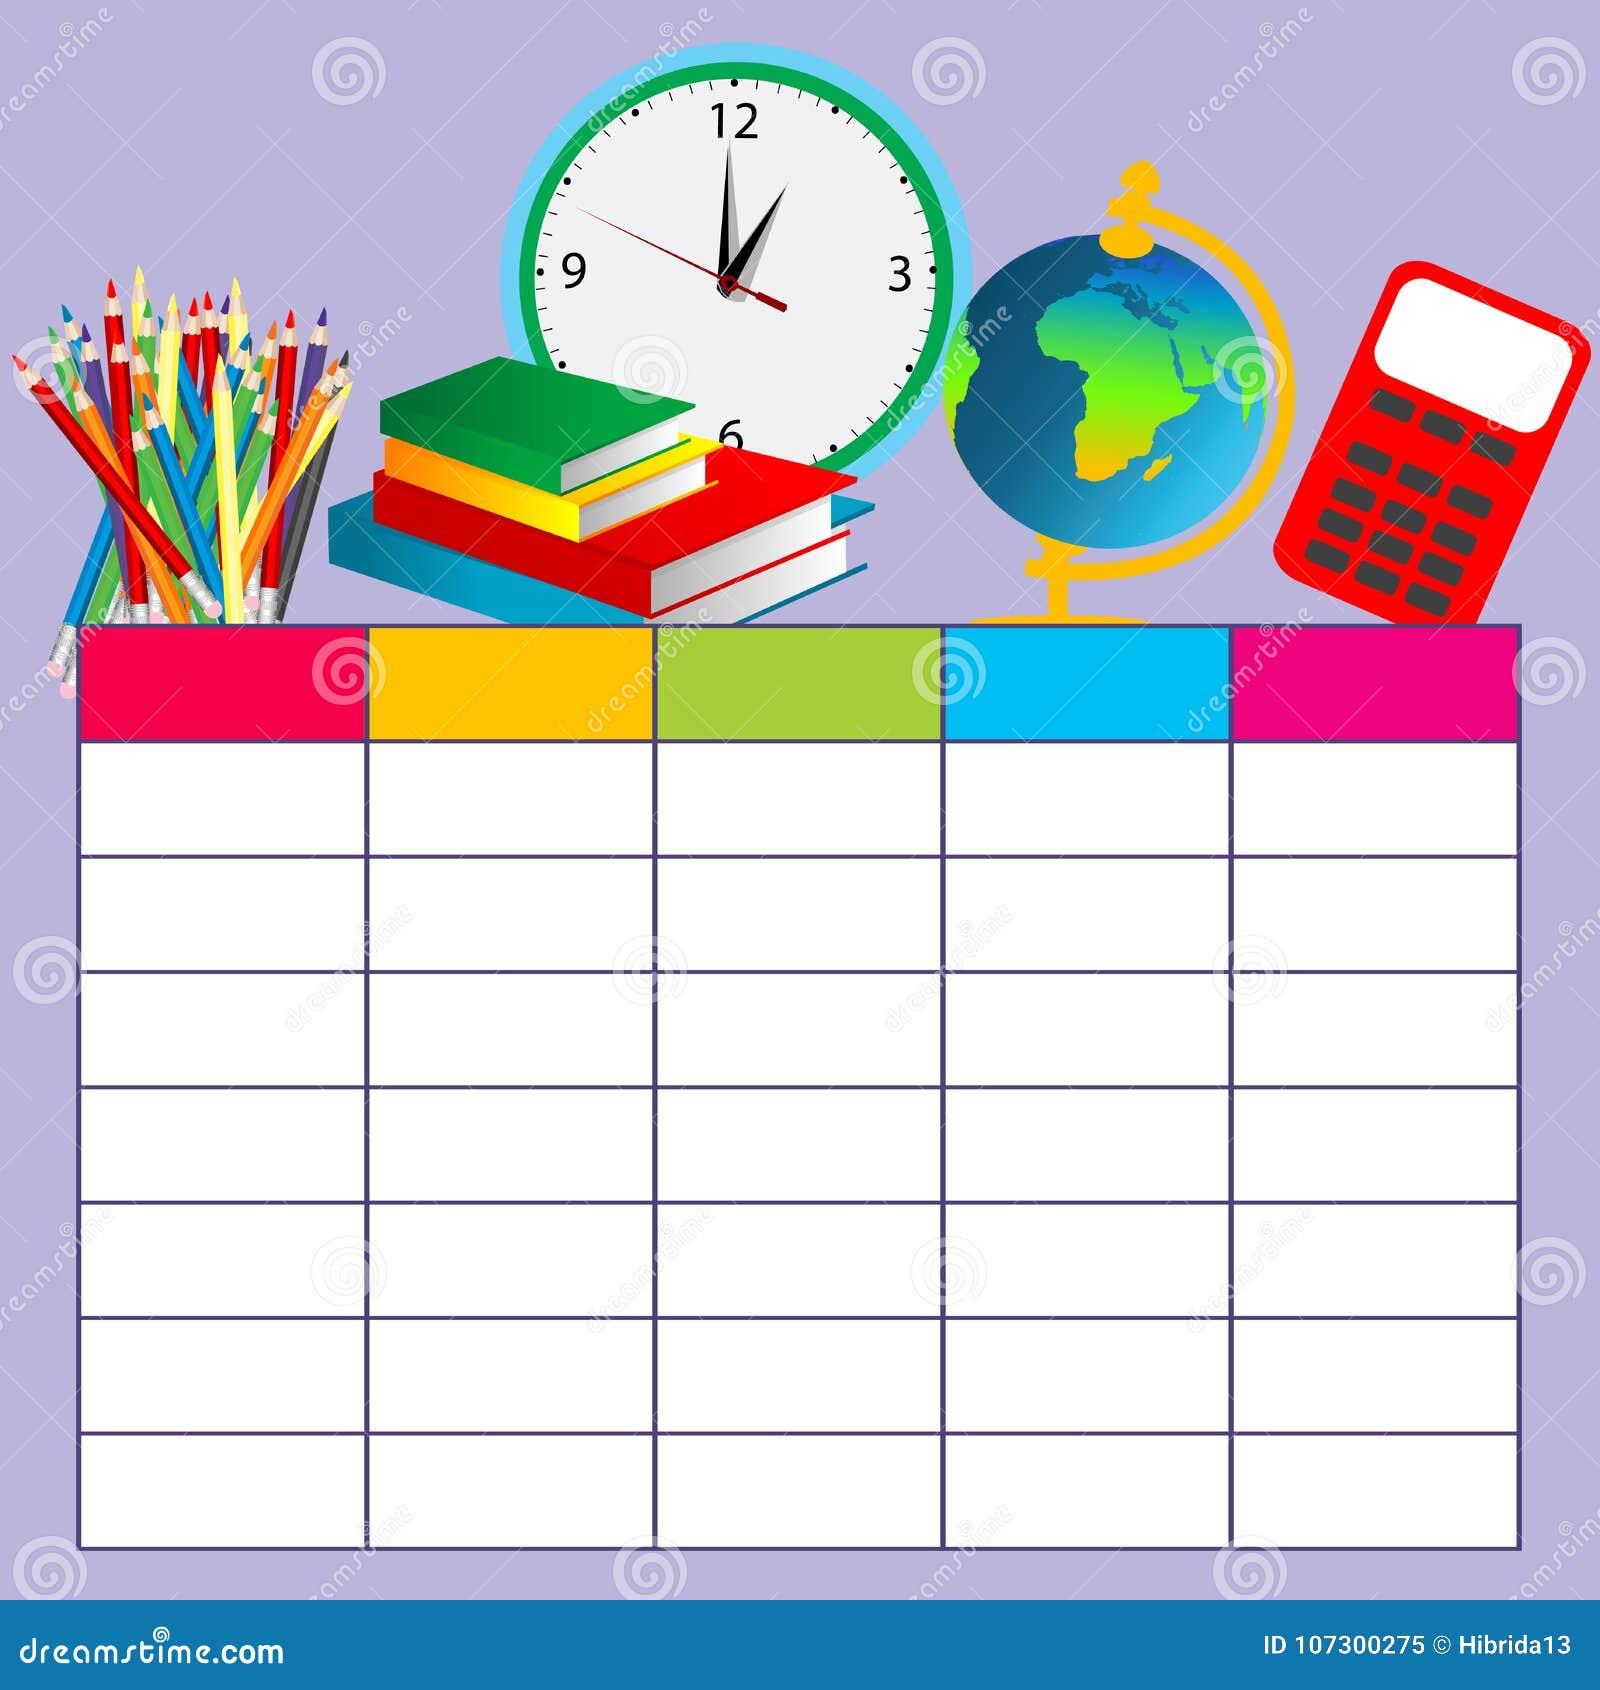 School Plan Schedule Template Stock Vector - Illustration of book ...